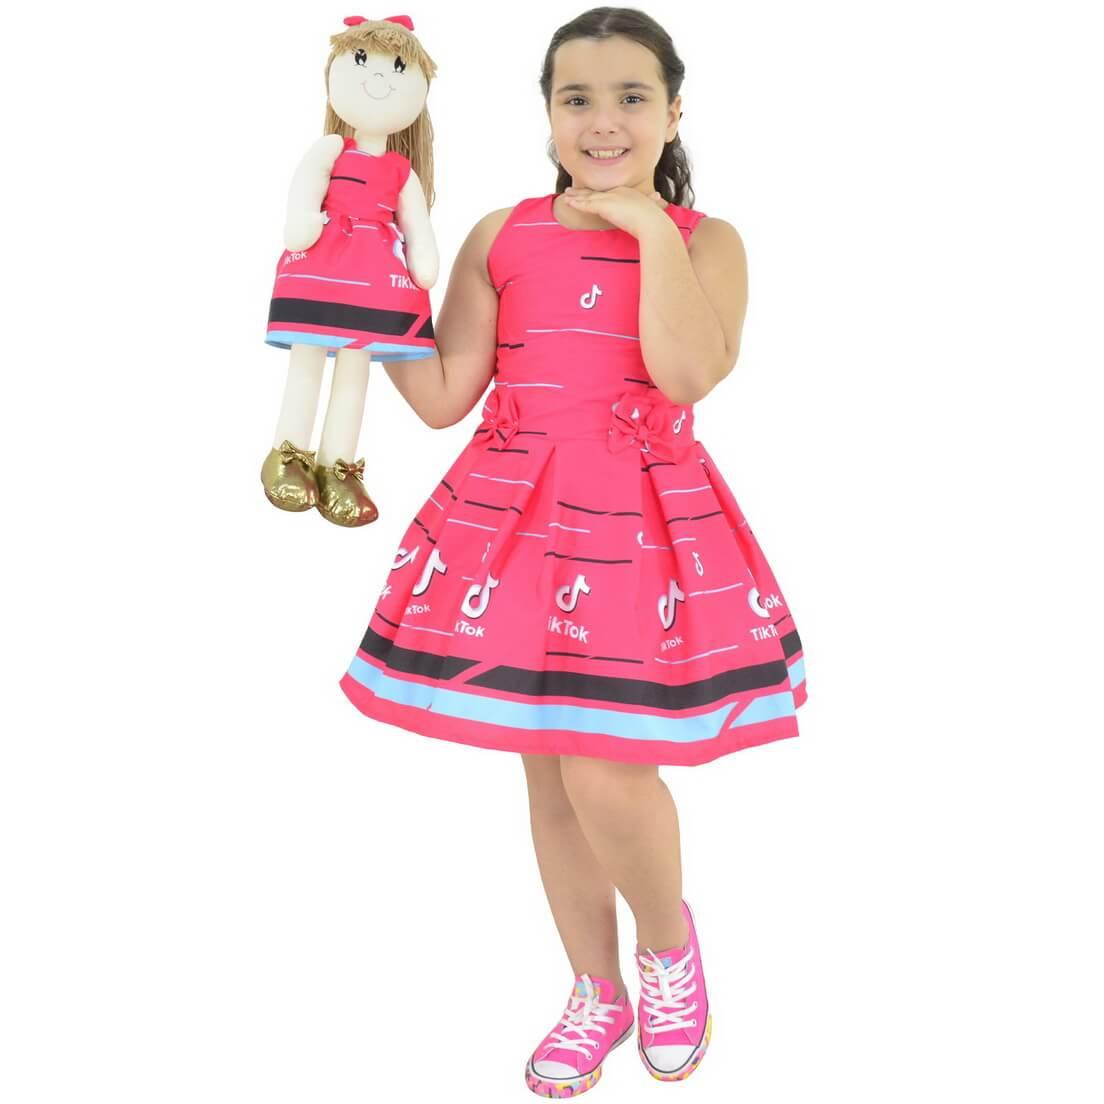 Tal Menina Tal Boneca Pri - Vestido Rosa TikTok (Tik Tok)